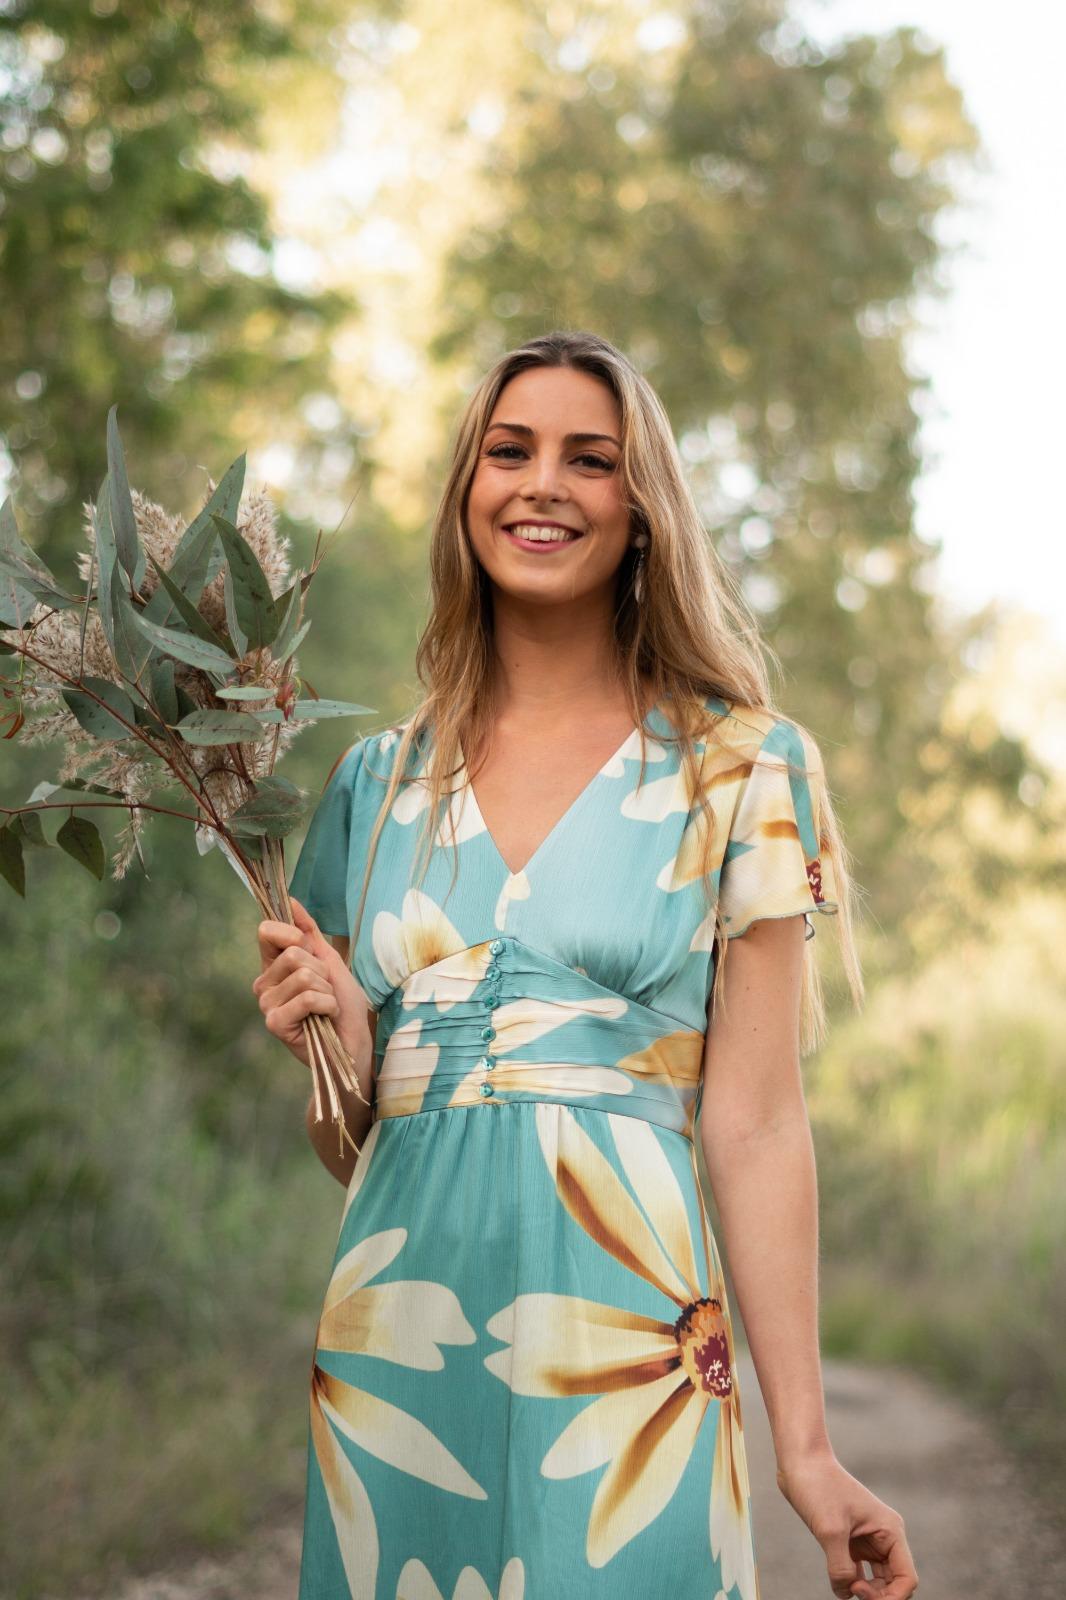 Vestido viscosa en estampado en Pasodoble en Palencia